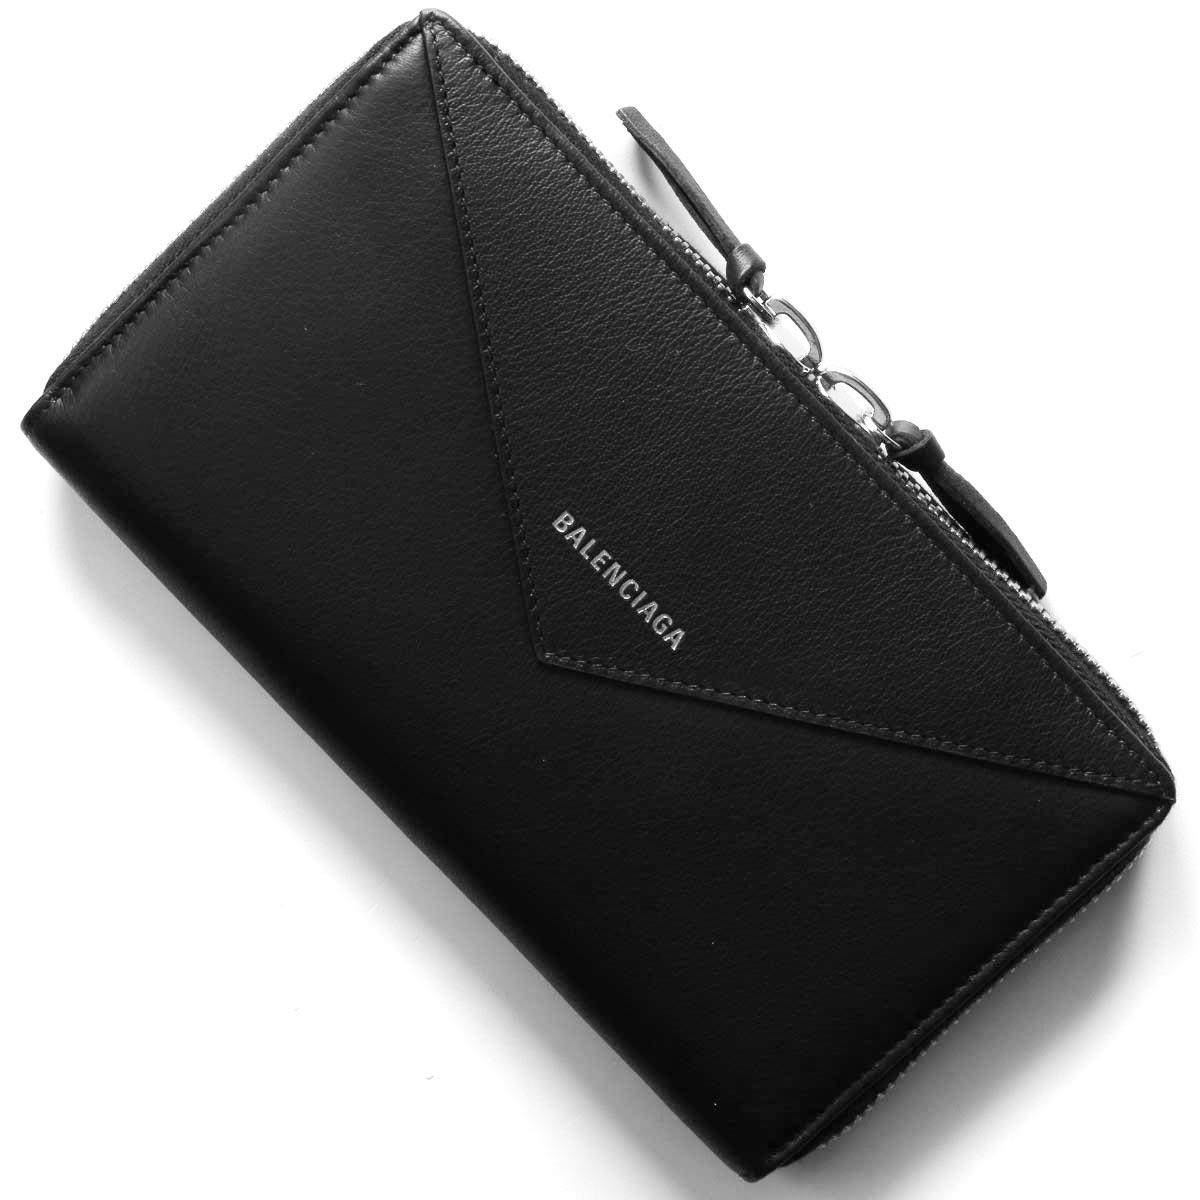 バレンシアガ 長財布 財布 レディース ペーパー ブラック 381226 DLQ0N 1000 BALENCIAGA